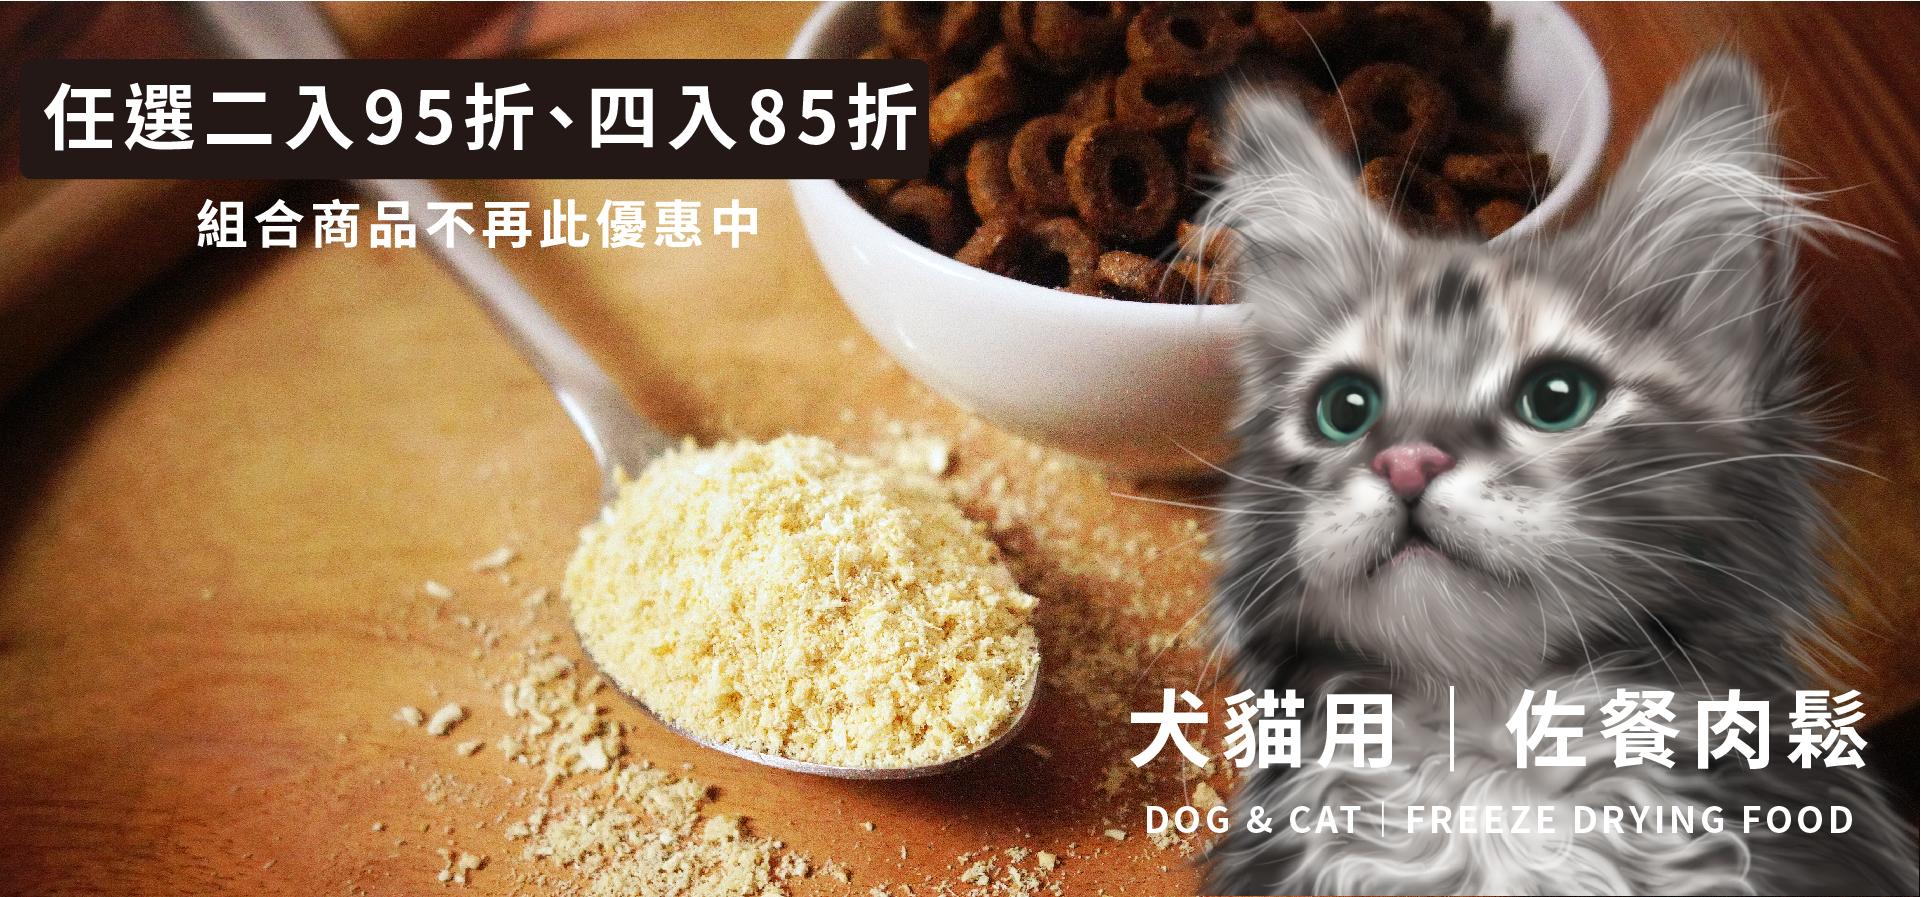 毛食嗑最新寵物肉鬆_毛孩嗑肉鬆_2入95折